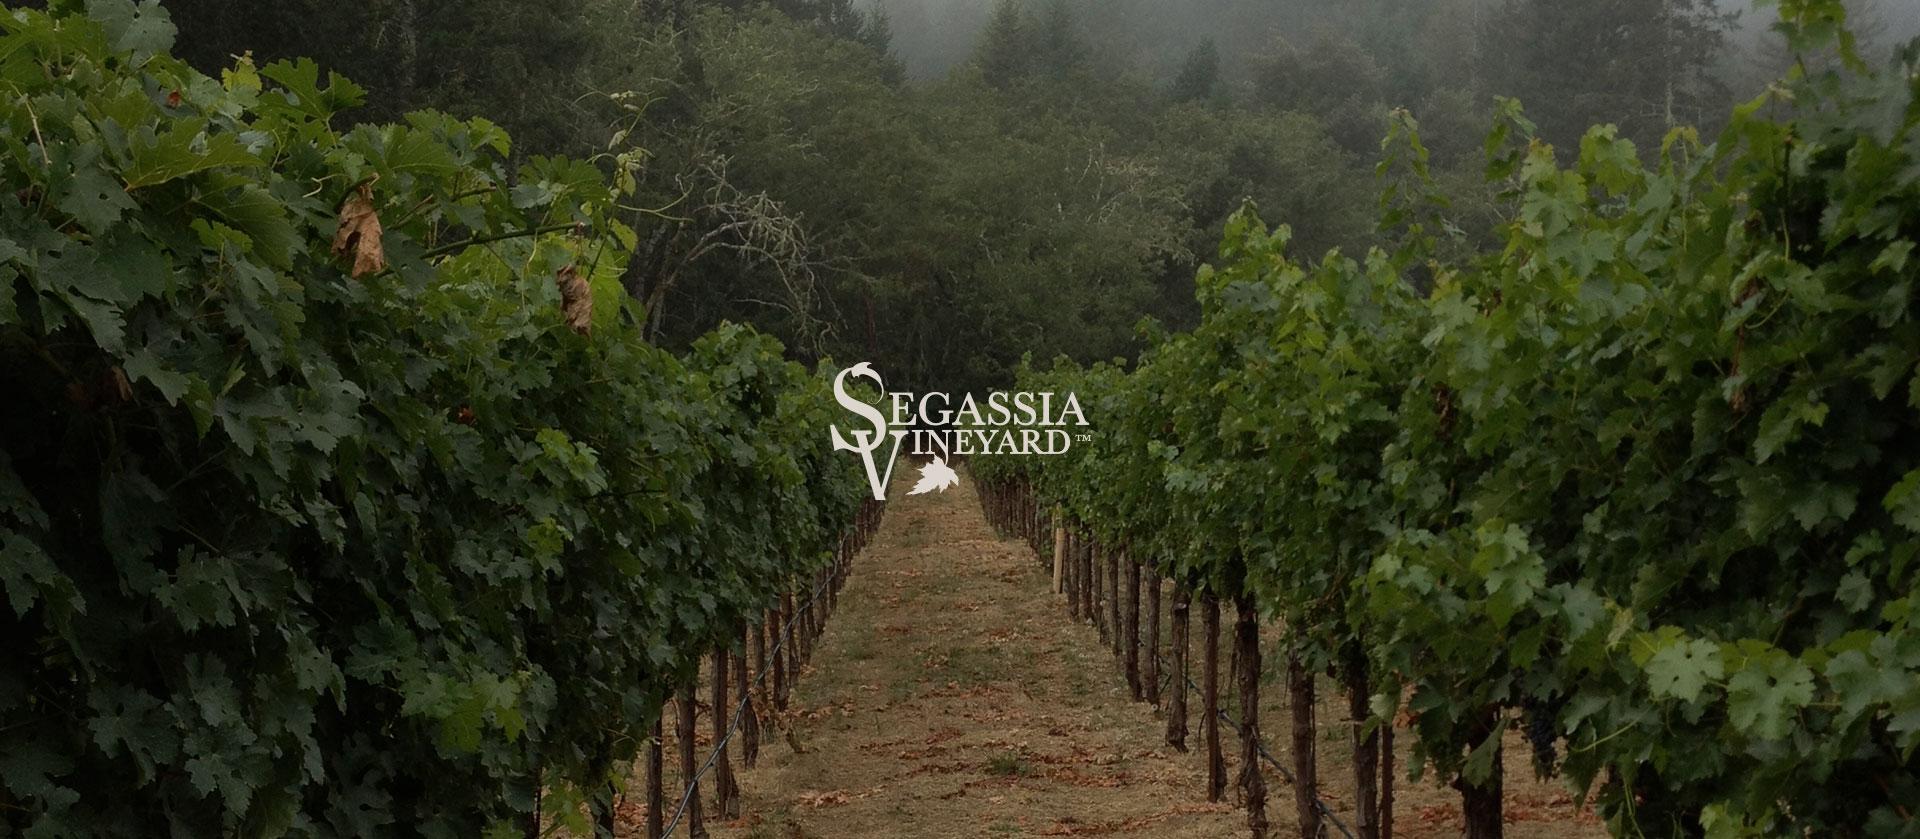 Segassia-Vineyard-Hero